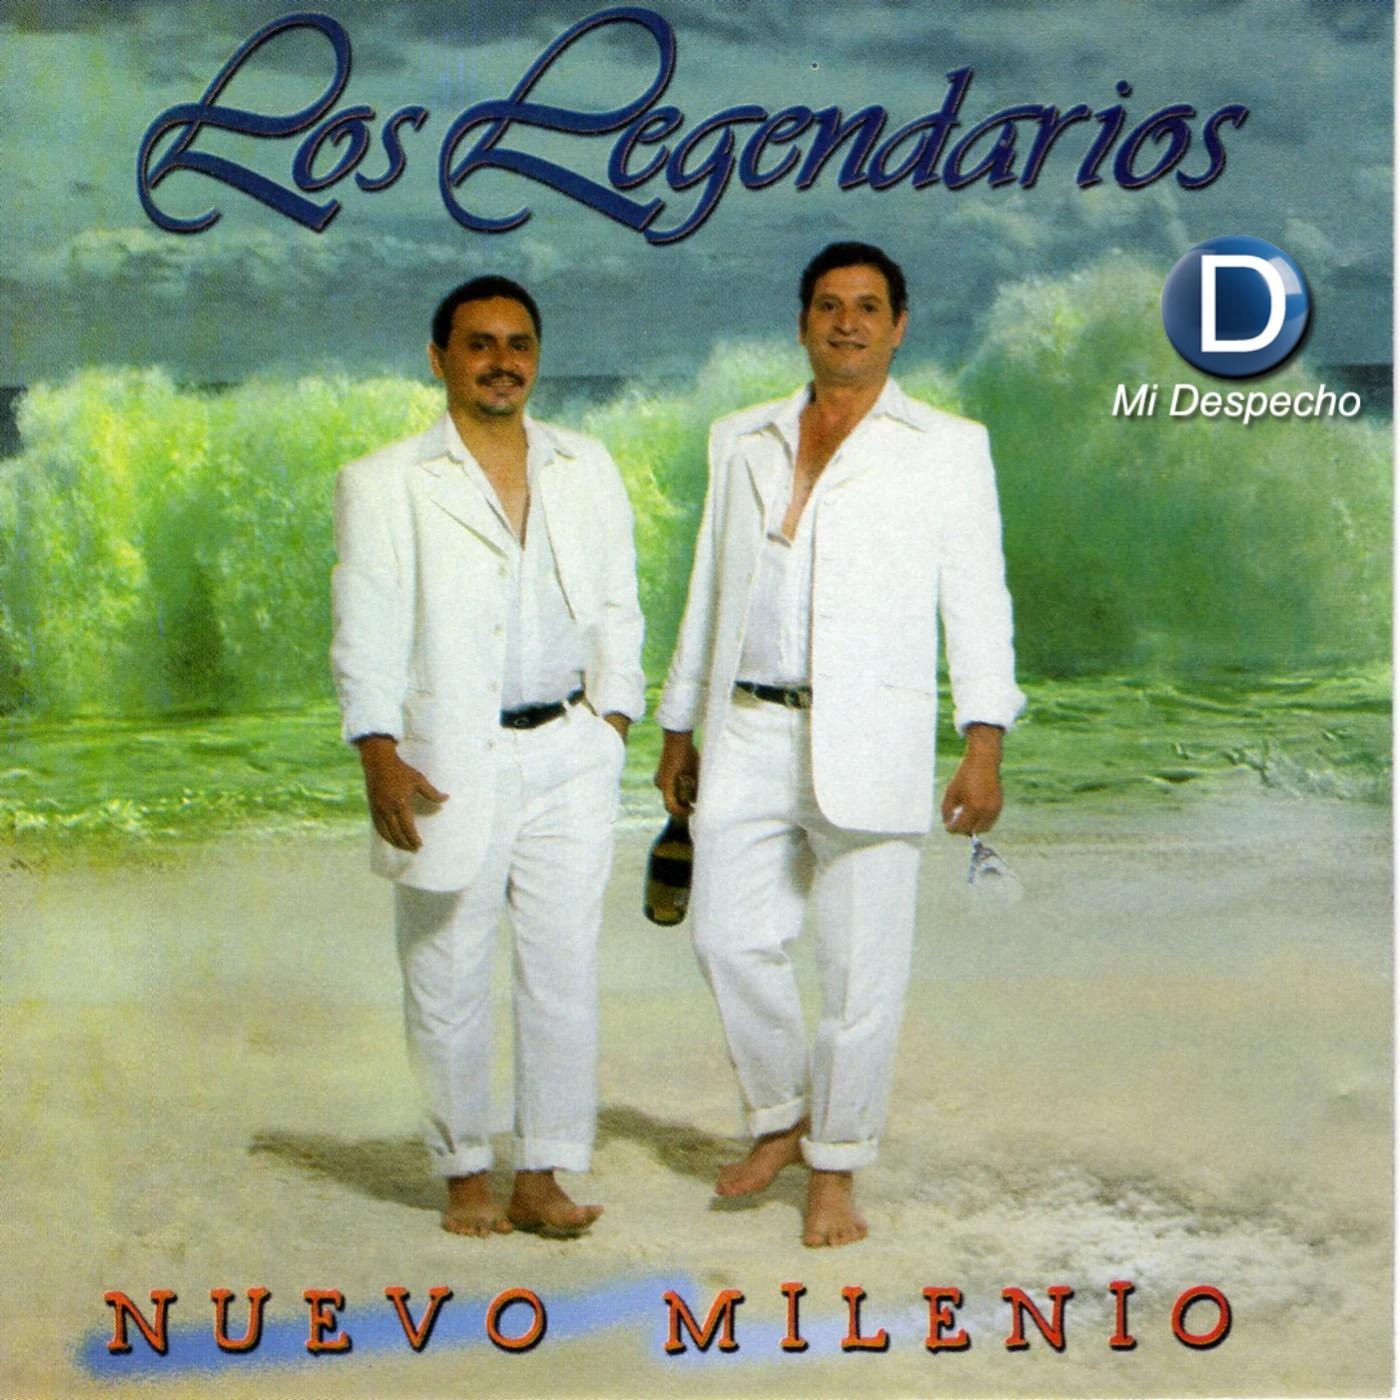 Los Legendarios Nuevo Milenio Frontal